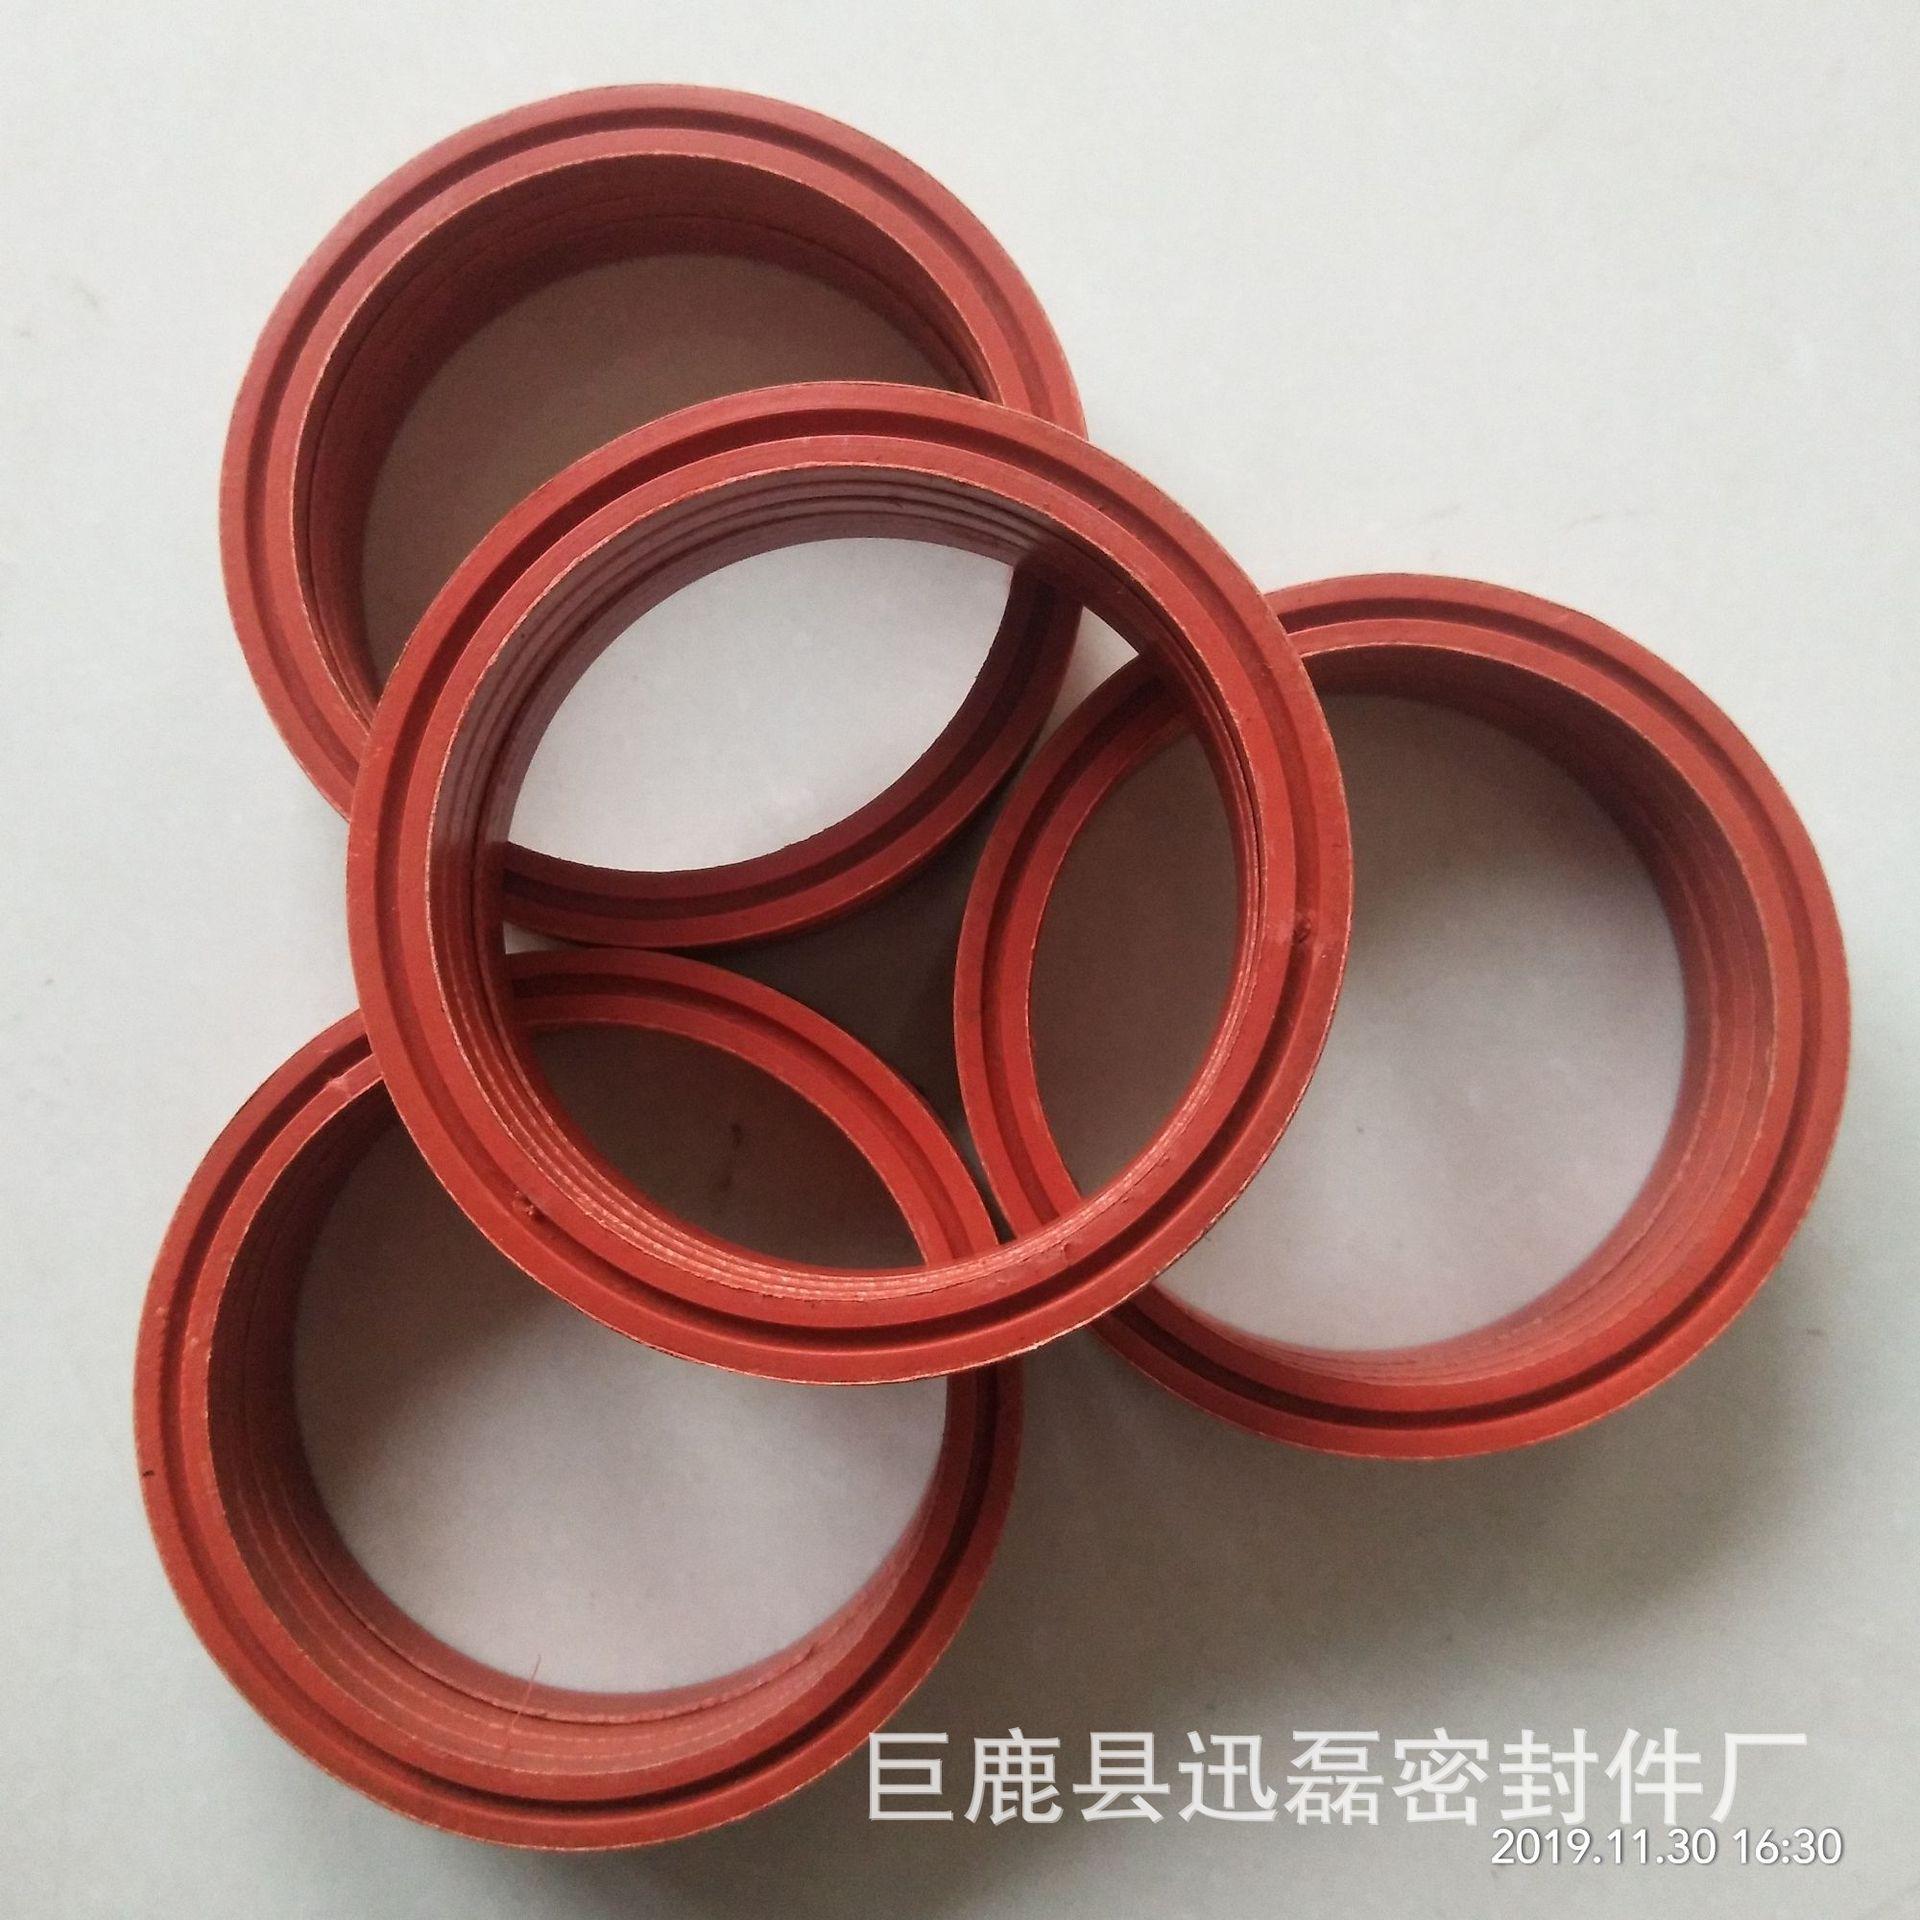 优德88中文客户端耐高温耐酸碱氟胶油封 高压氟胶V型加布组合油封密封圈